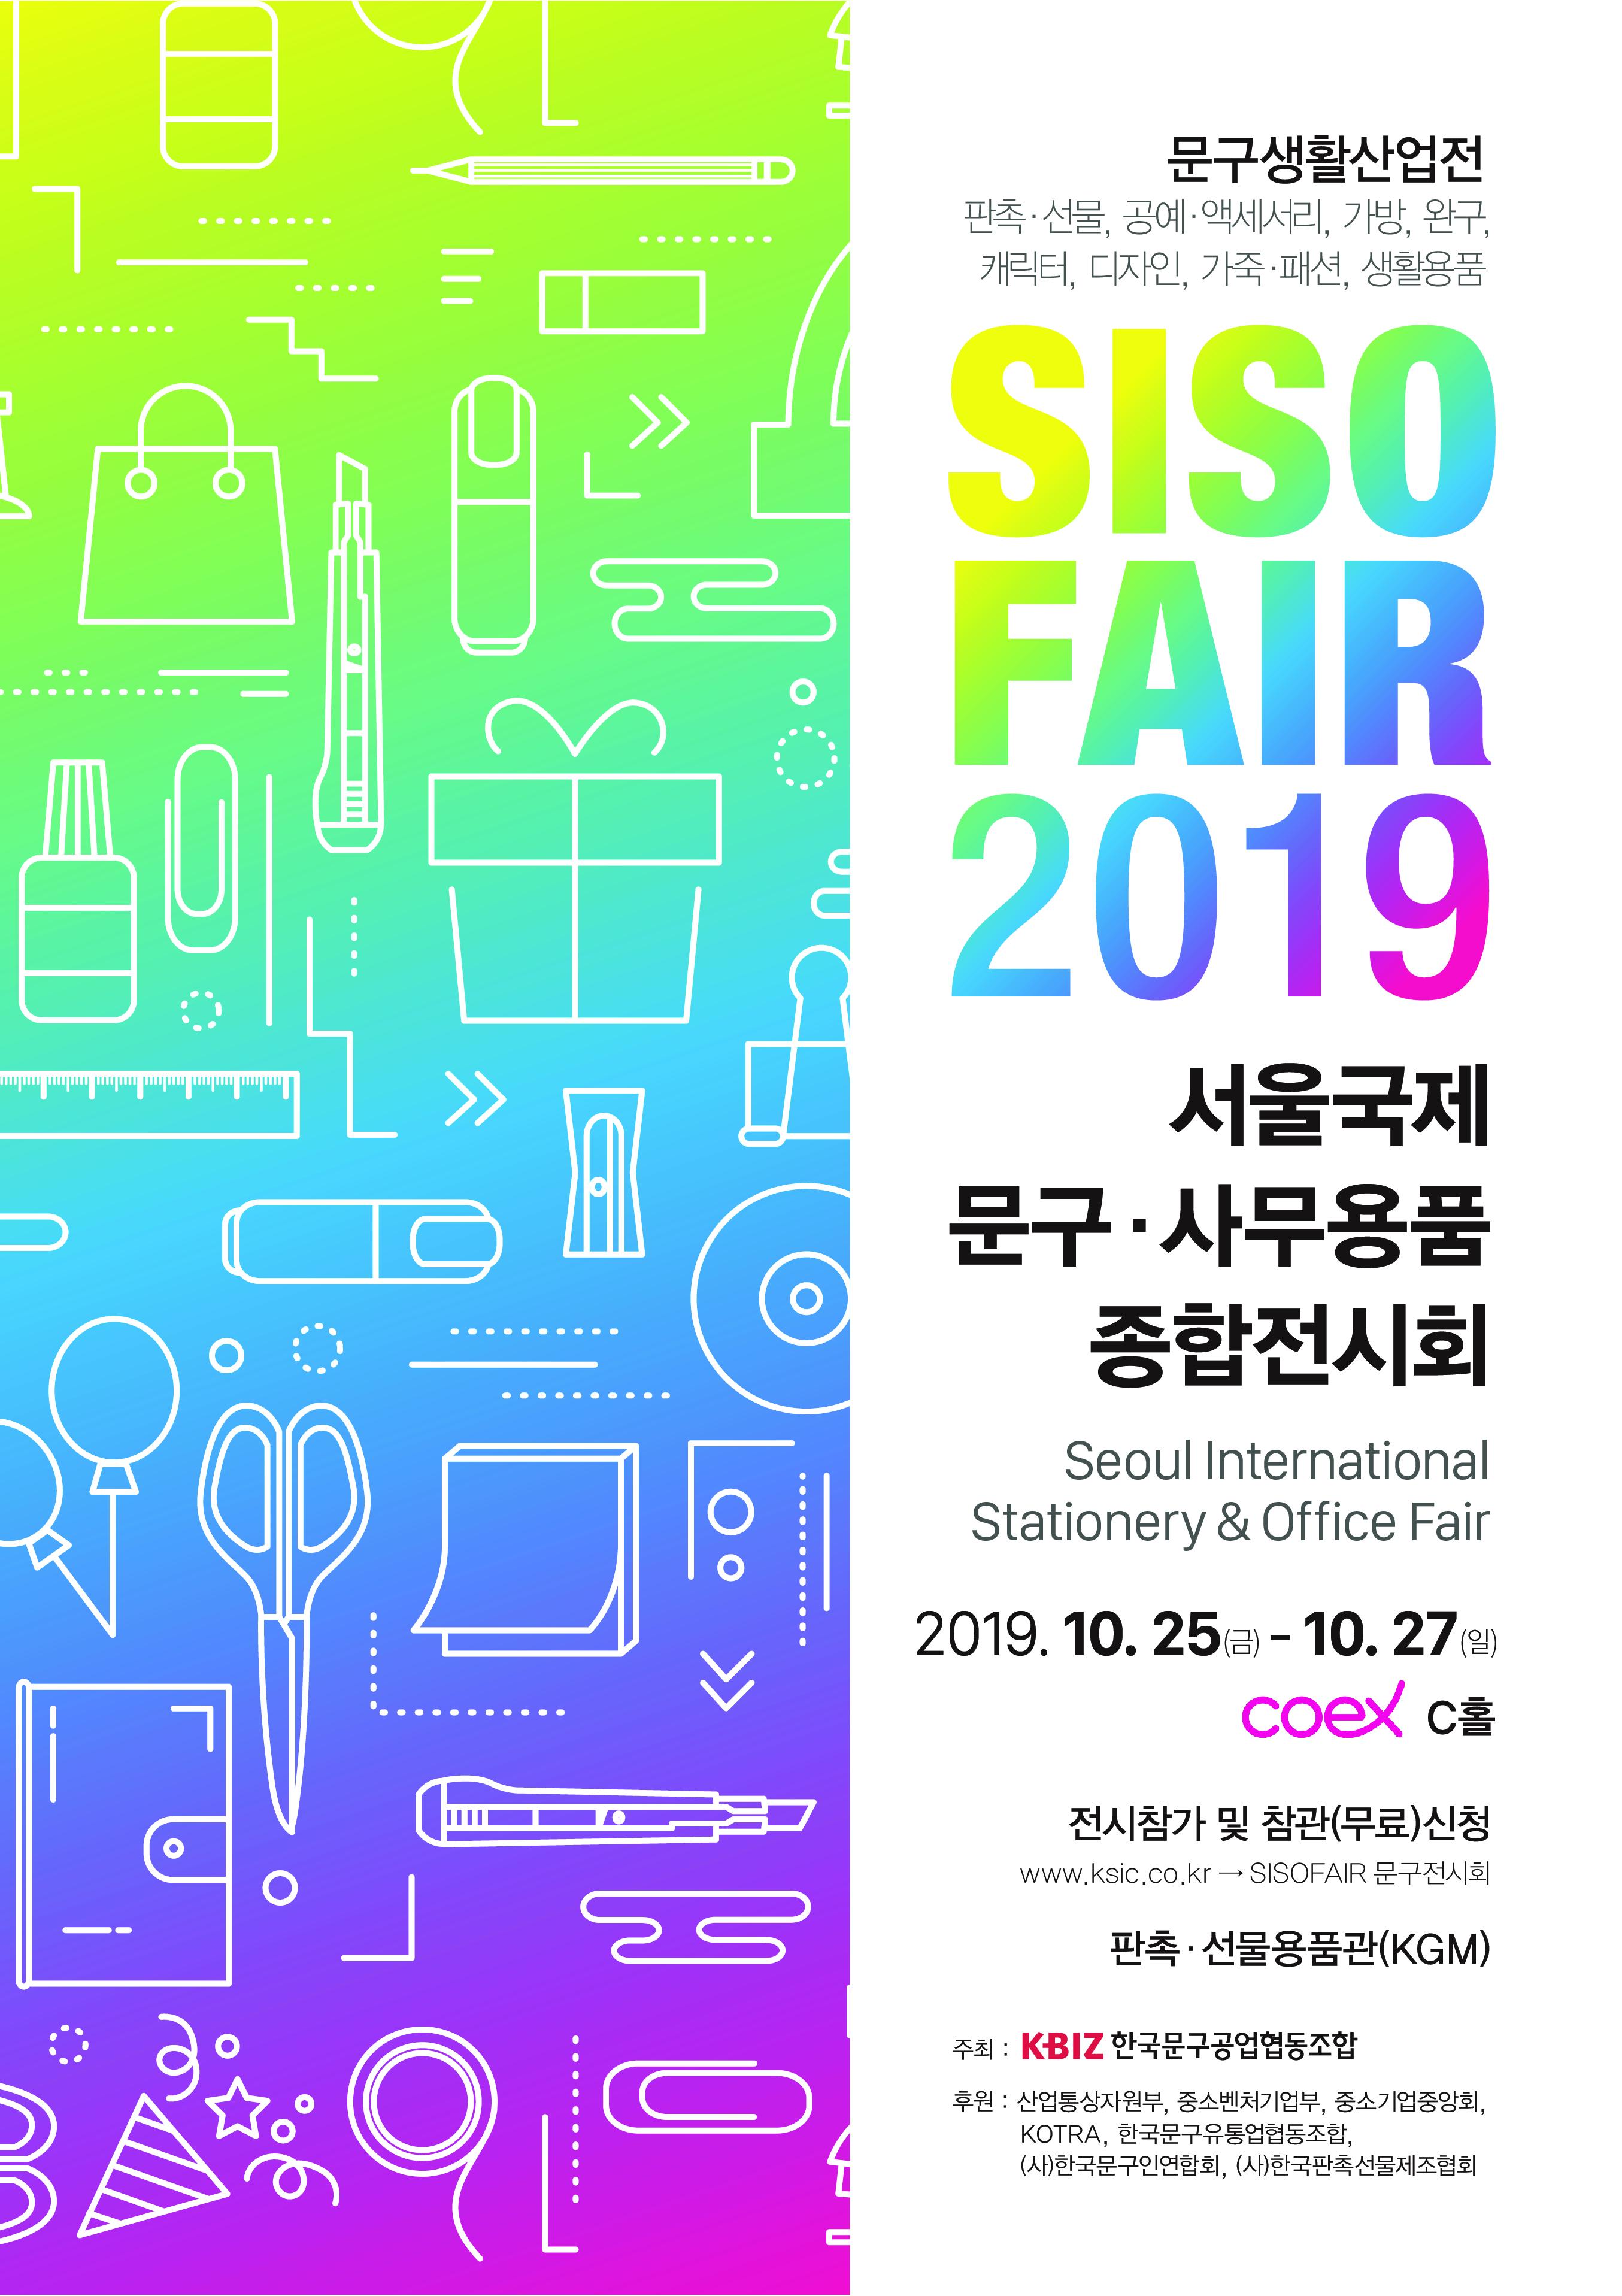 문구생활산업전-SISOFAIR 2019